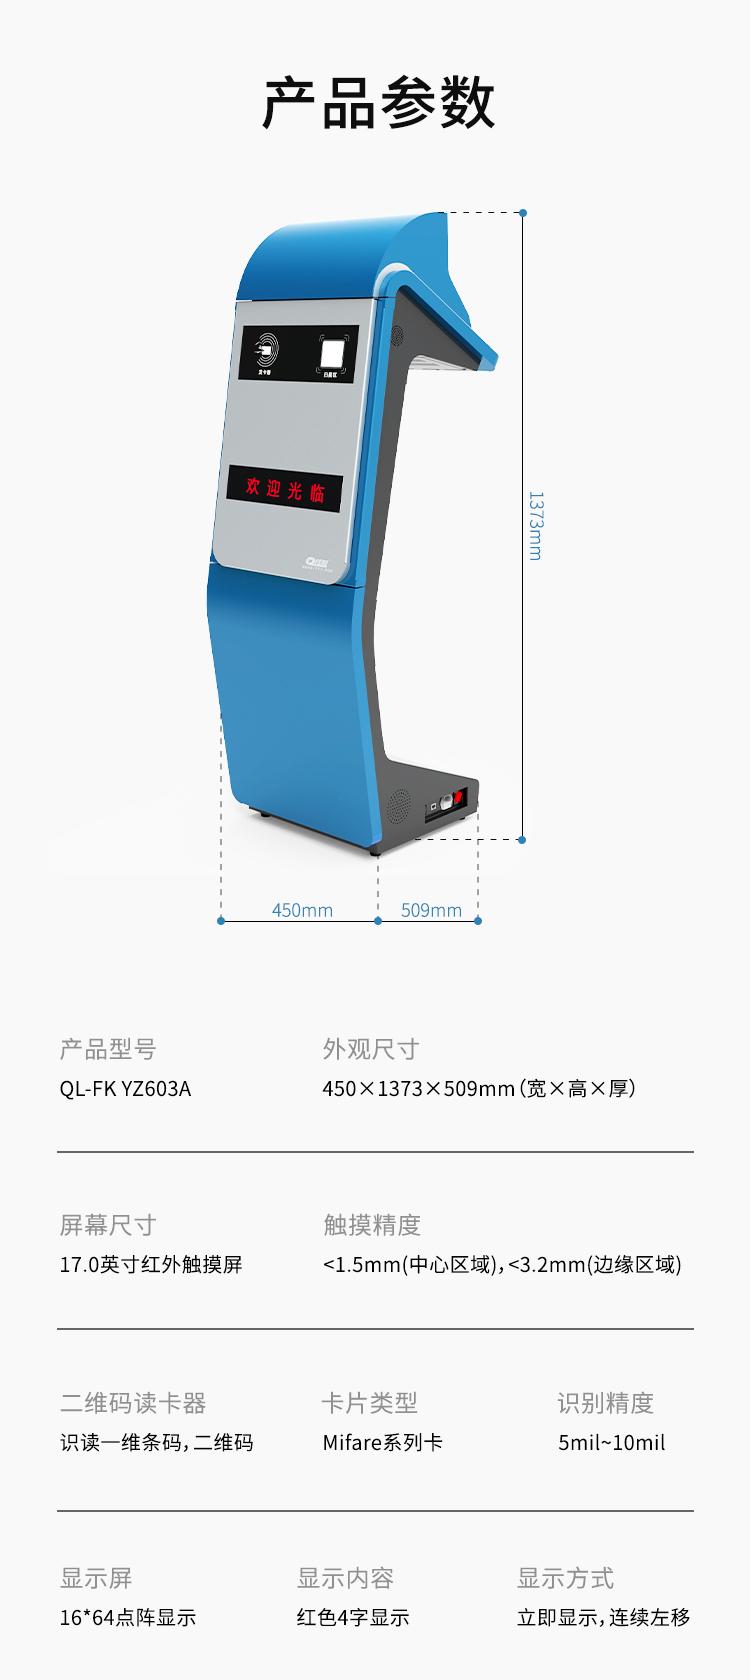 室内时尚验证机QL-FK YZ603A技术参数